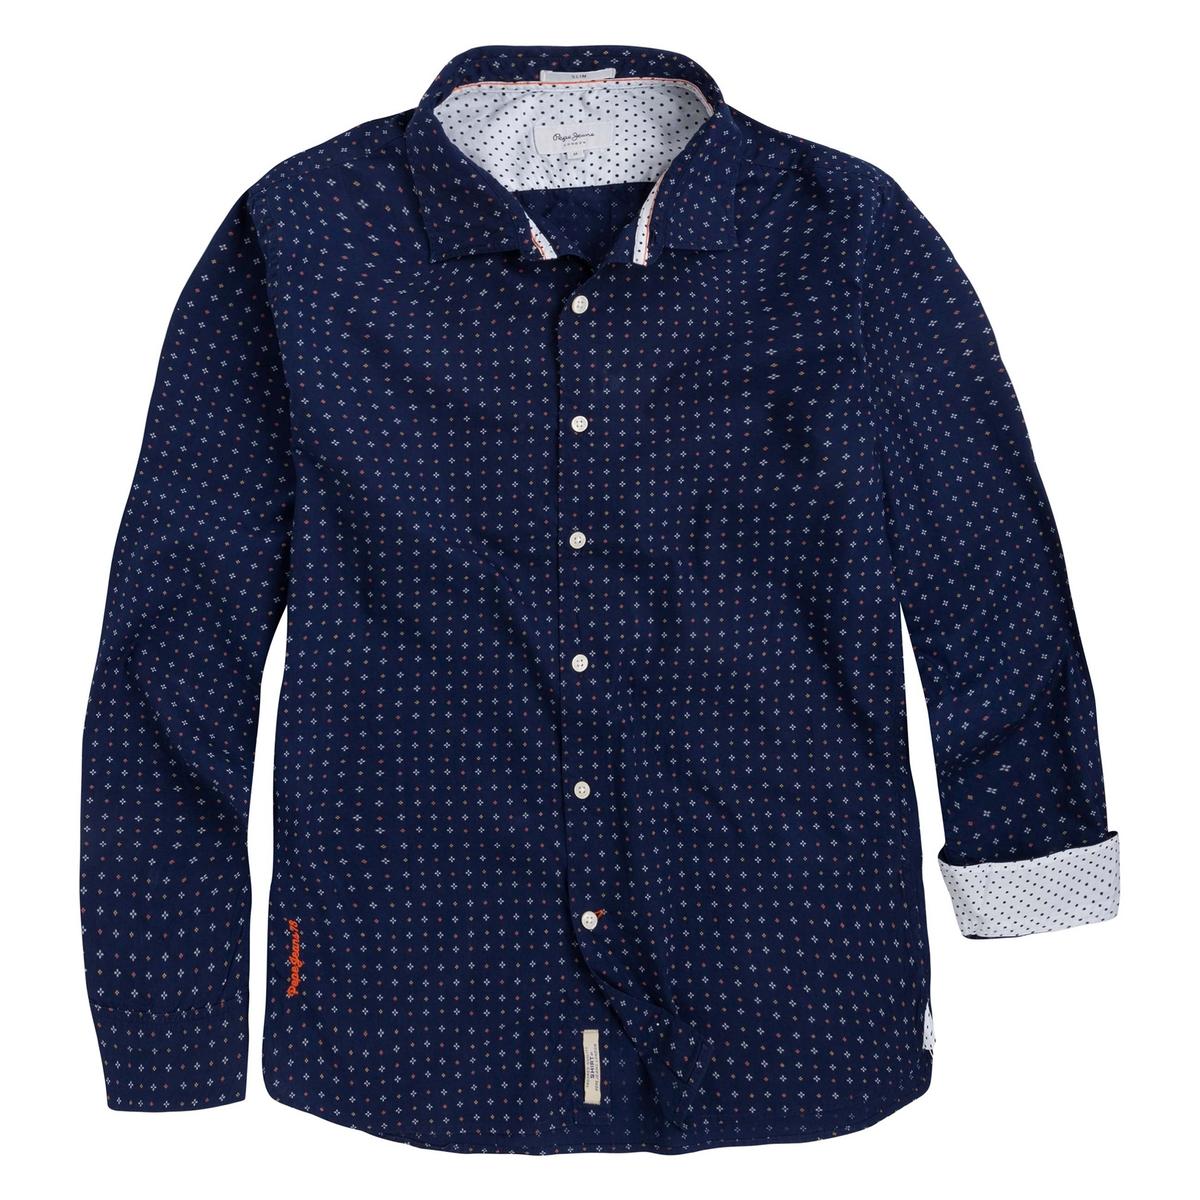 где купить Рубашка прямая с длинными рукавами по лучшей цене